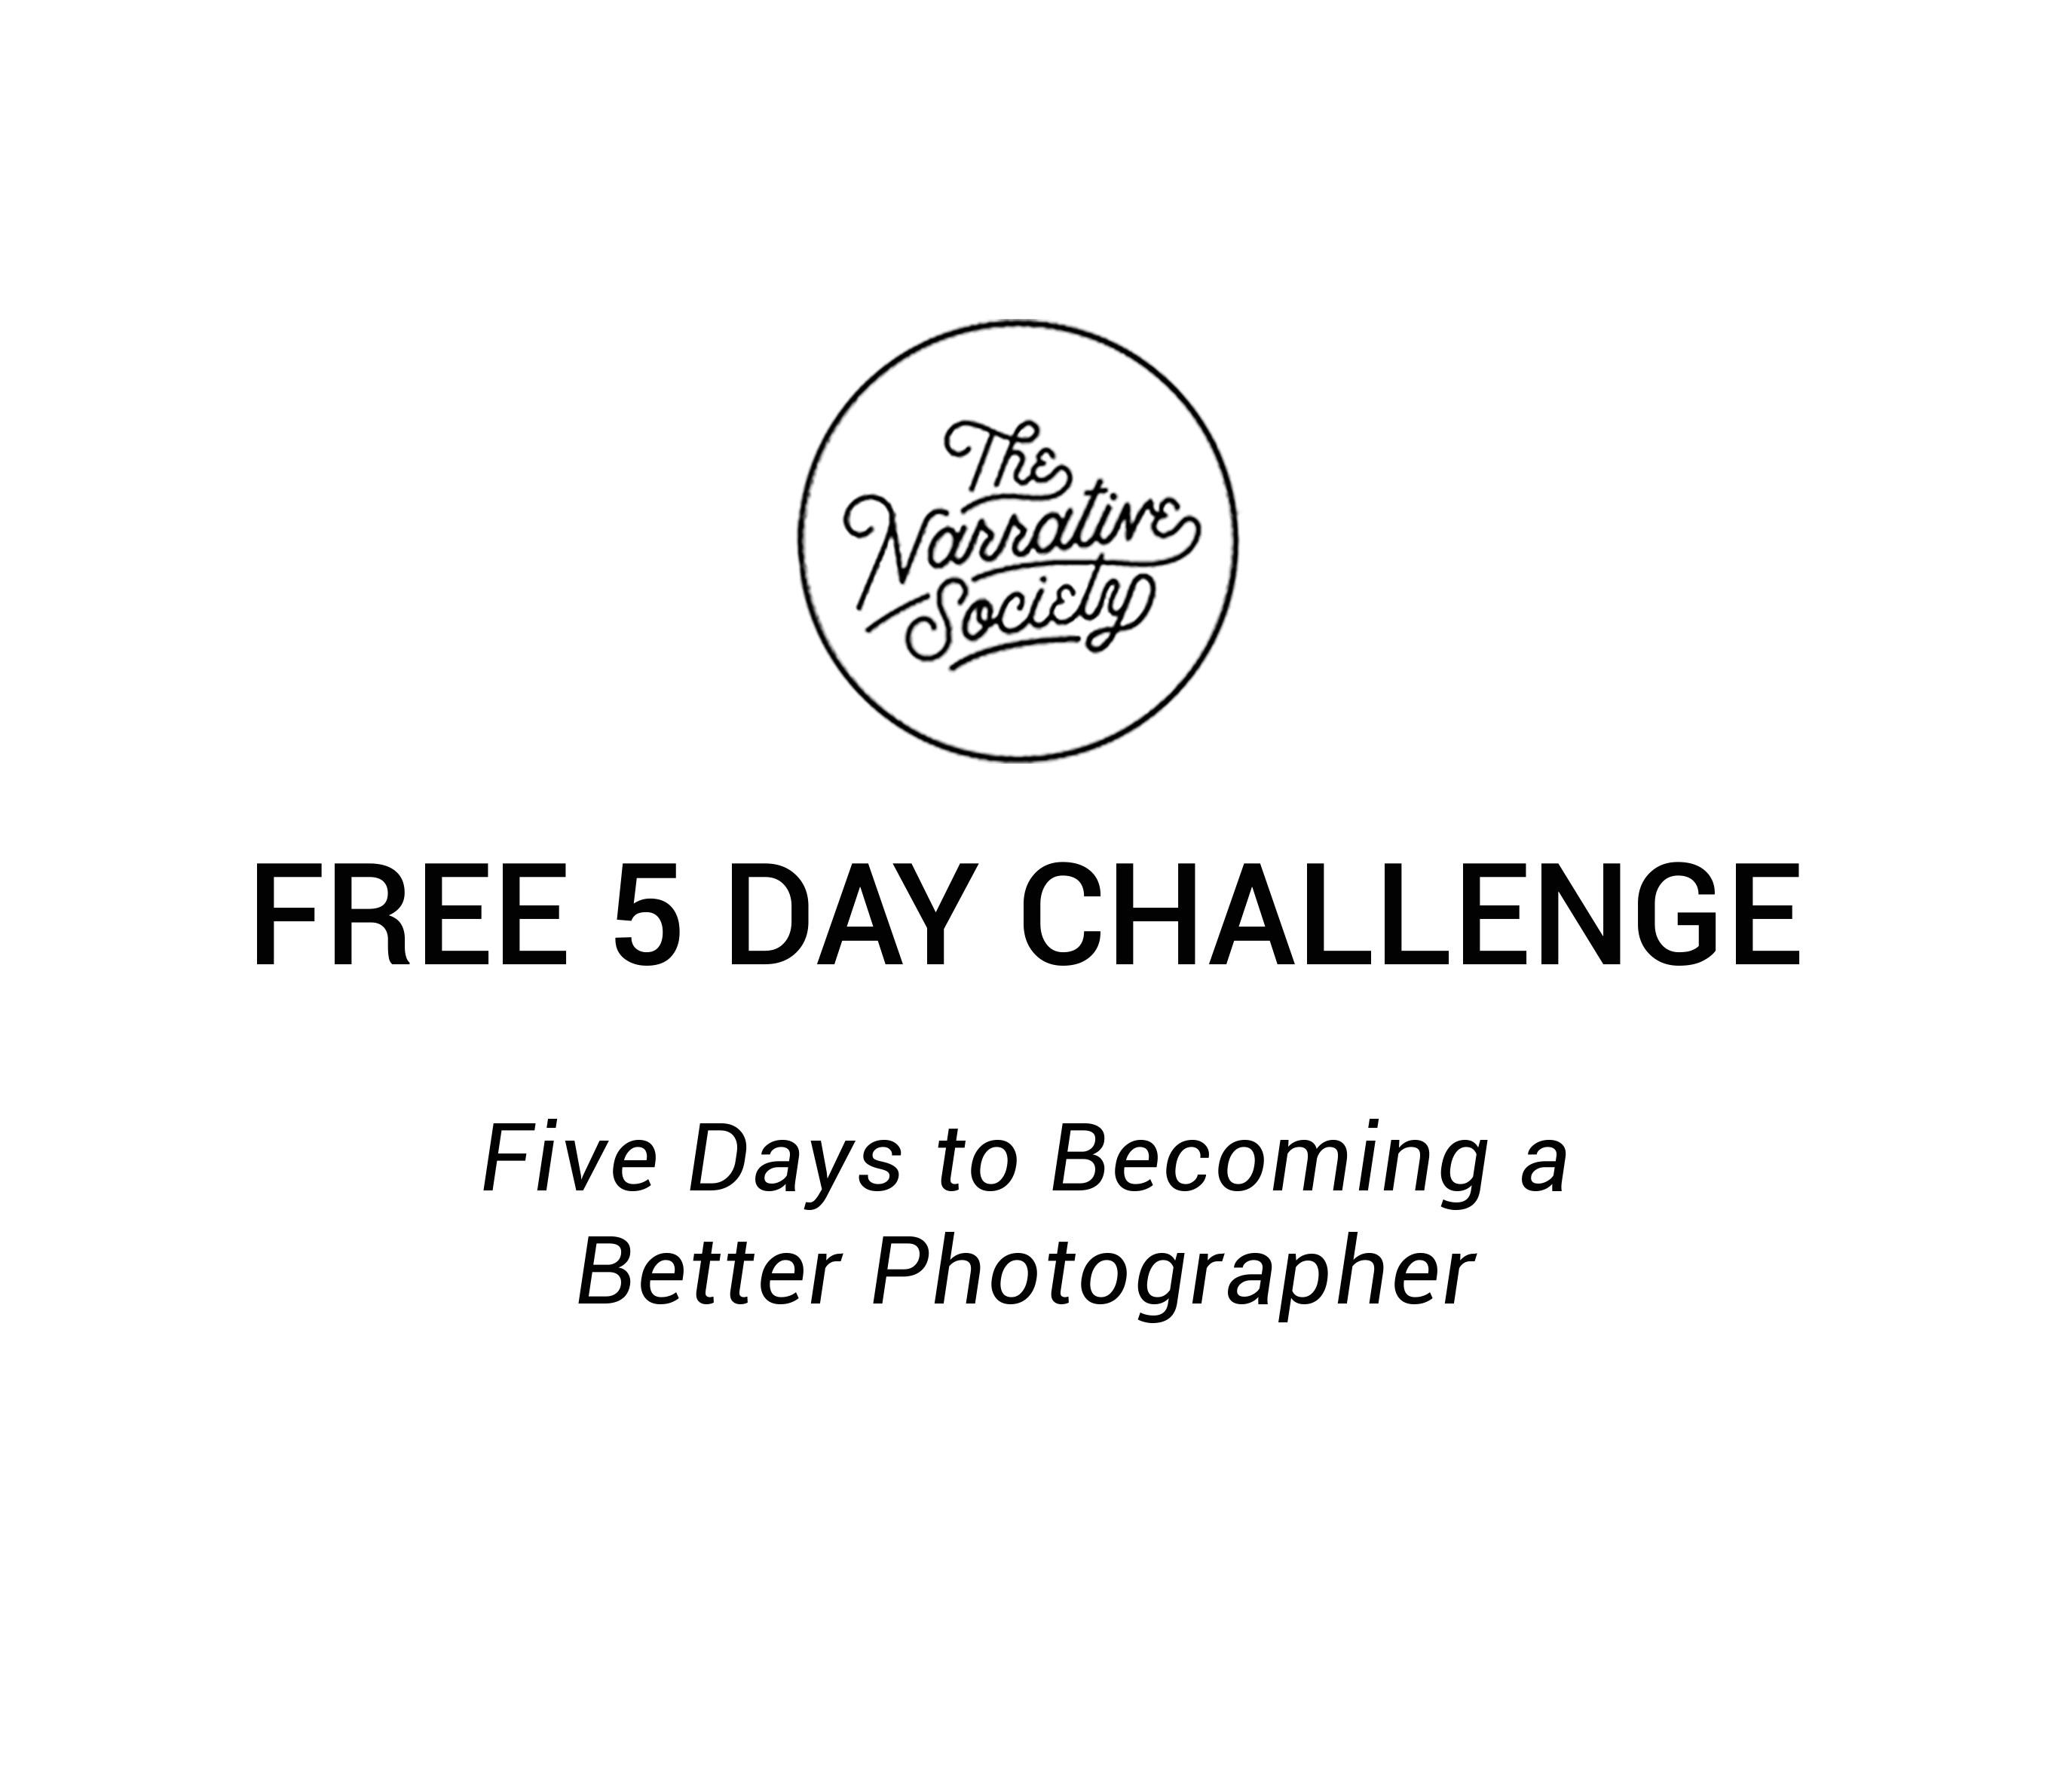 Becoming a better photographer